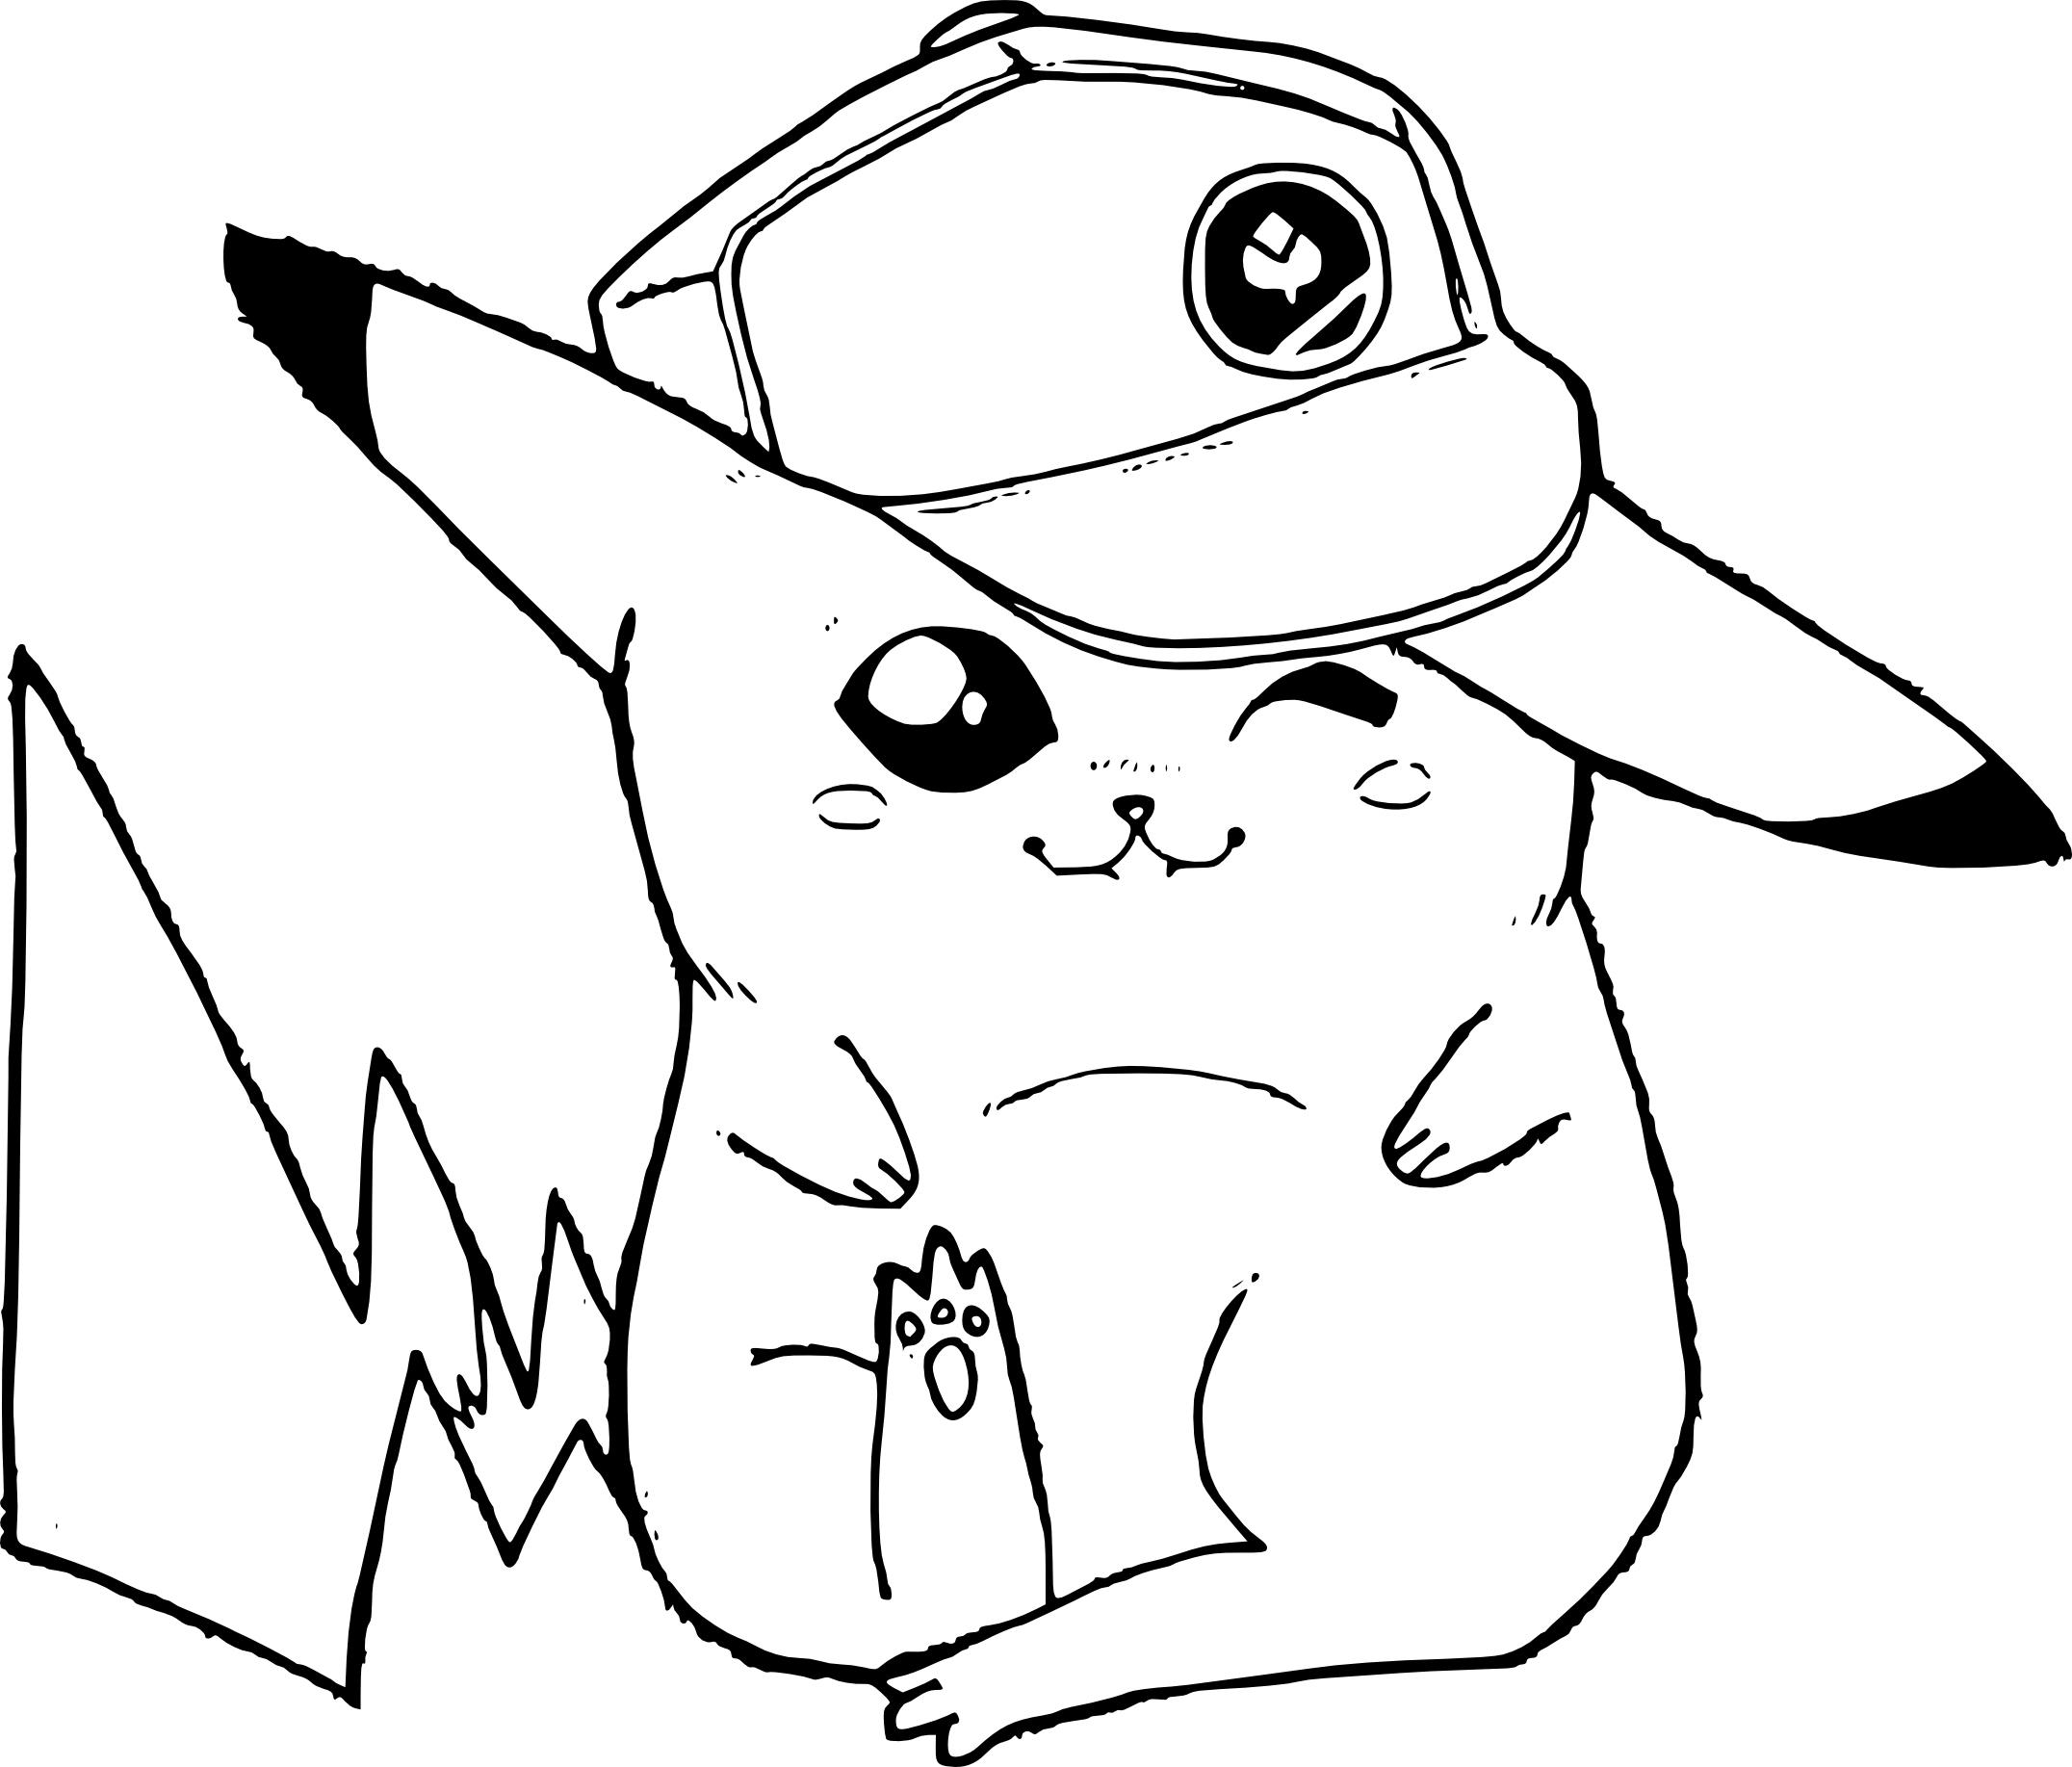 Coloriage Pikachu Avec Une Casquette De Baseball destiné Dessin De Pikachu Facile